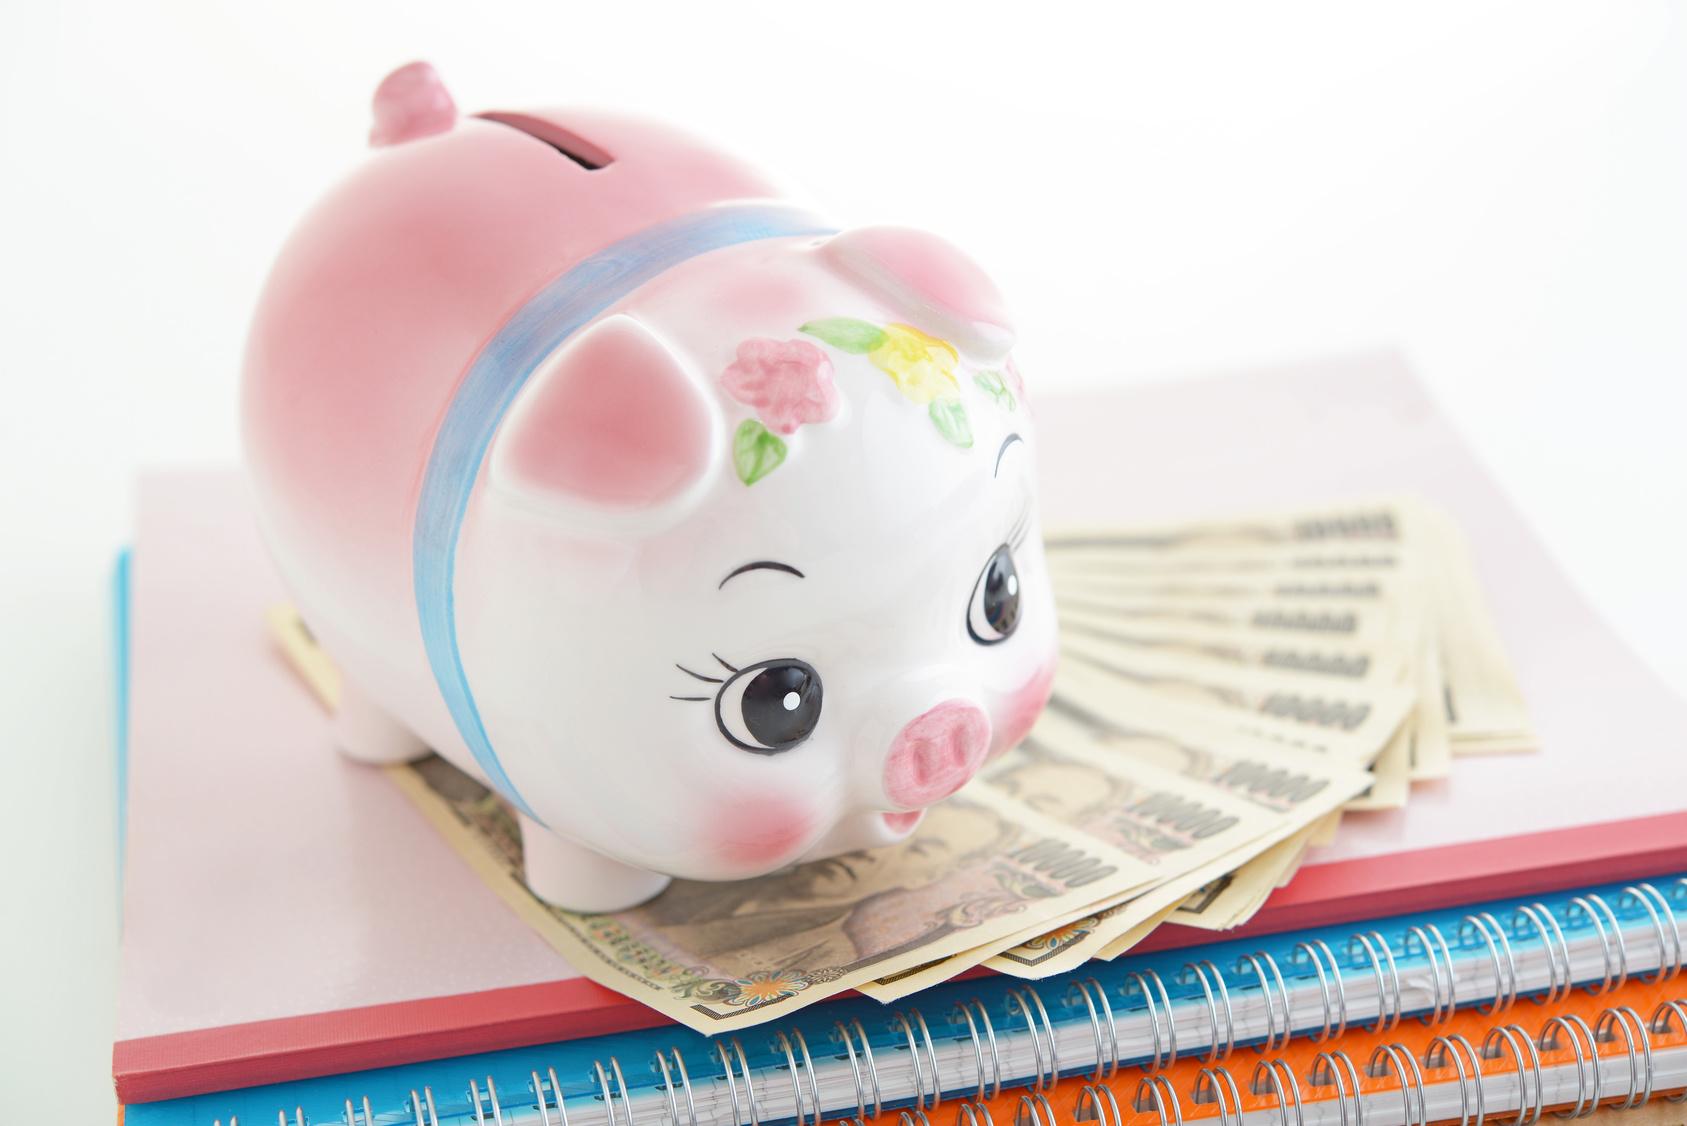 生命保険の満期受け取りに確定申告は必要?祝い金や解約返戻金も解説